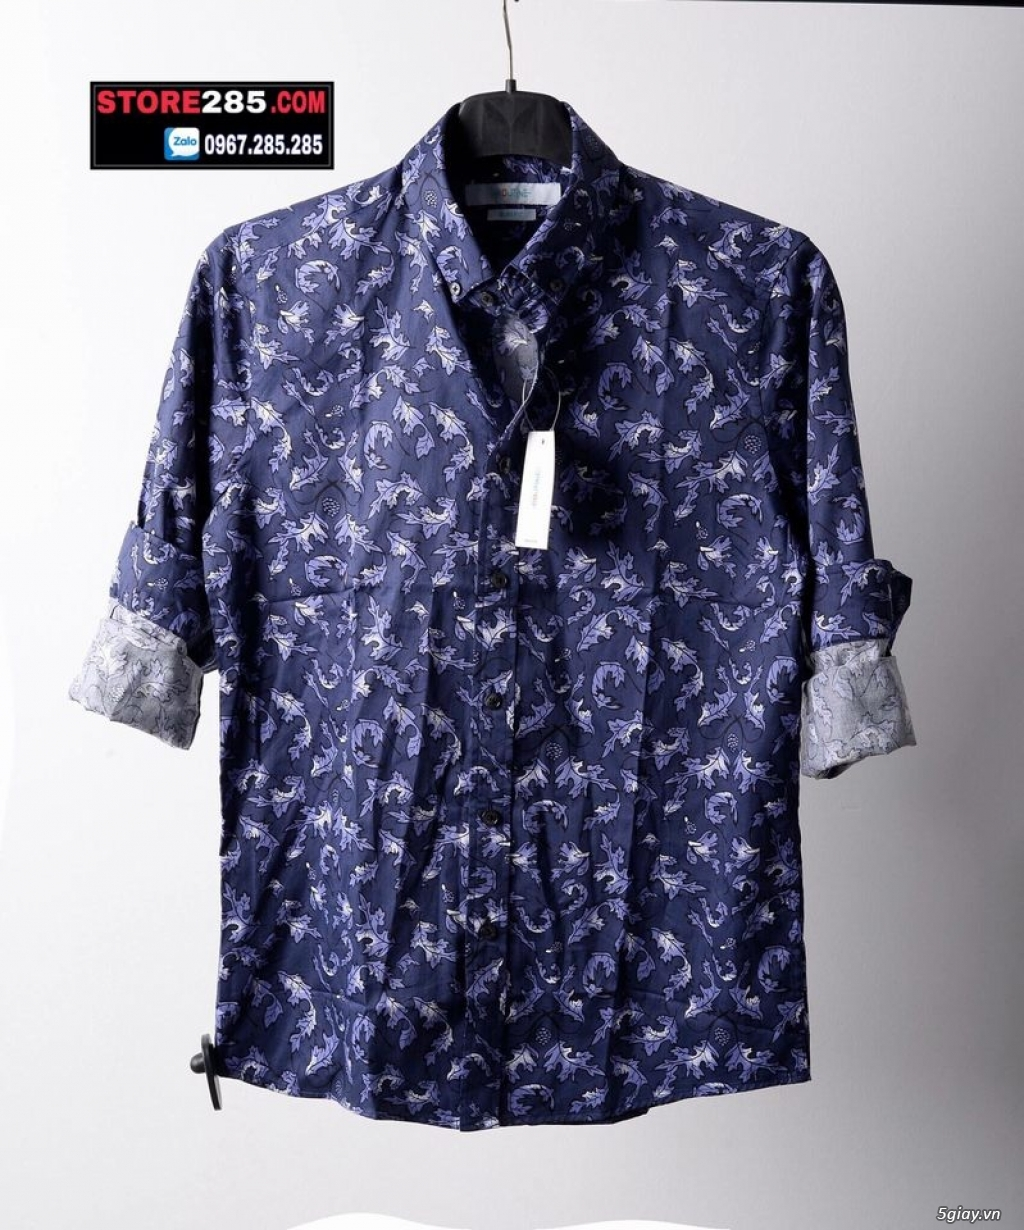 STORE285 - Thời trang VNXK: Áo thun, áo sơ mi,... đơn giản phù hợp mọi đối tượng giá chỉ 150k - 280k - 39